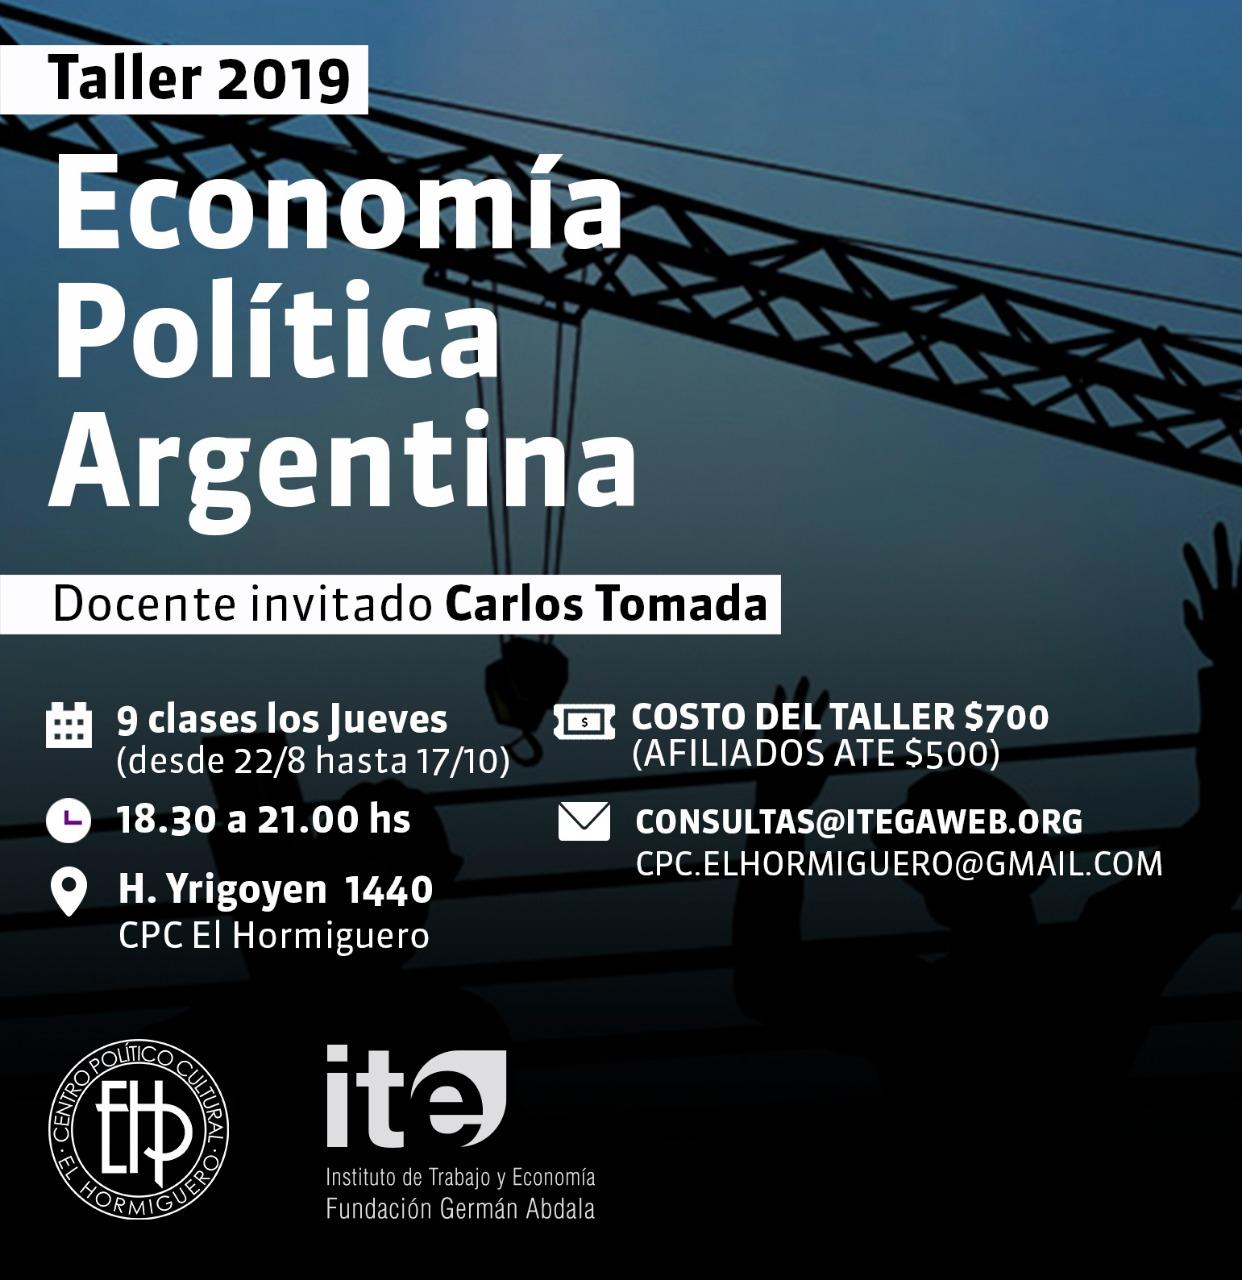 Taller de Economía Política Argentina 2019